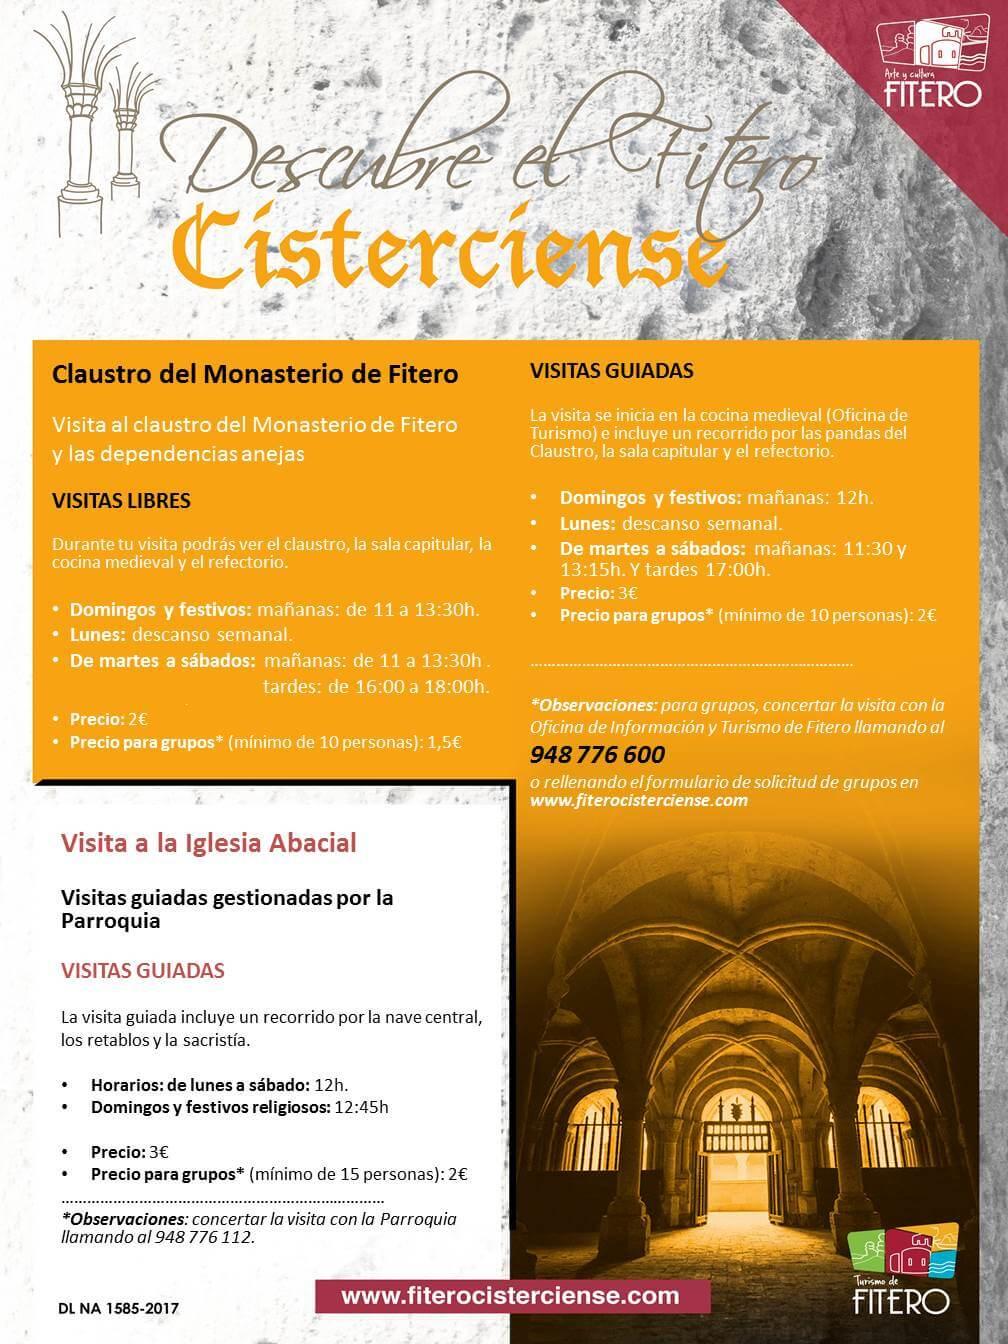 Horarios de visitas libres y guiadas al Monasterio de Fitero desde el 13 de noviembre 2018